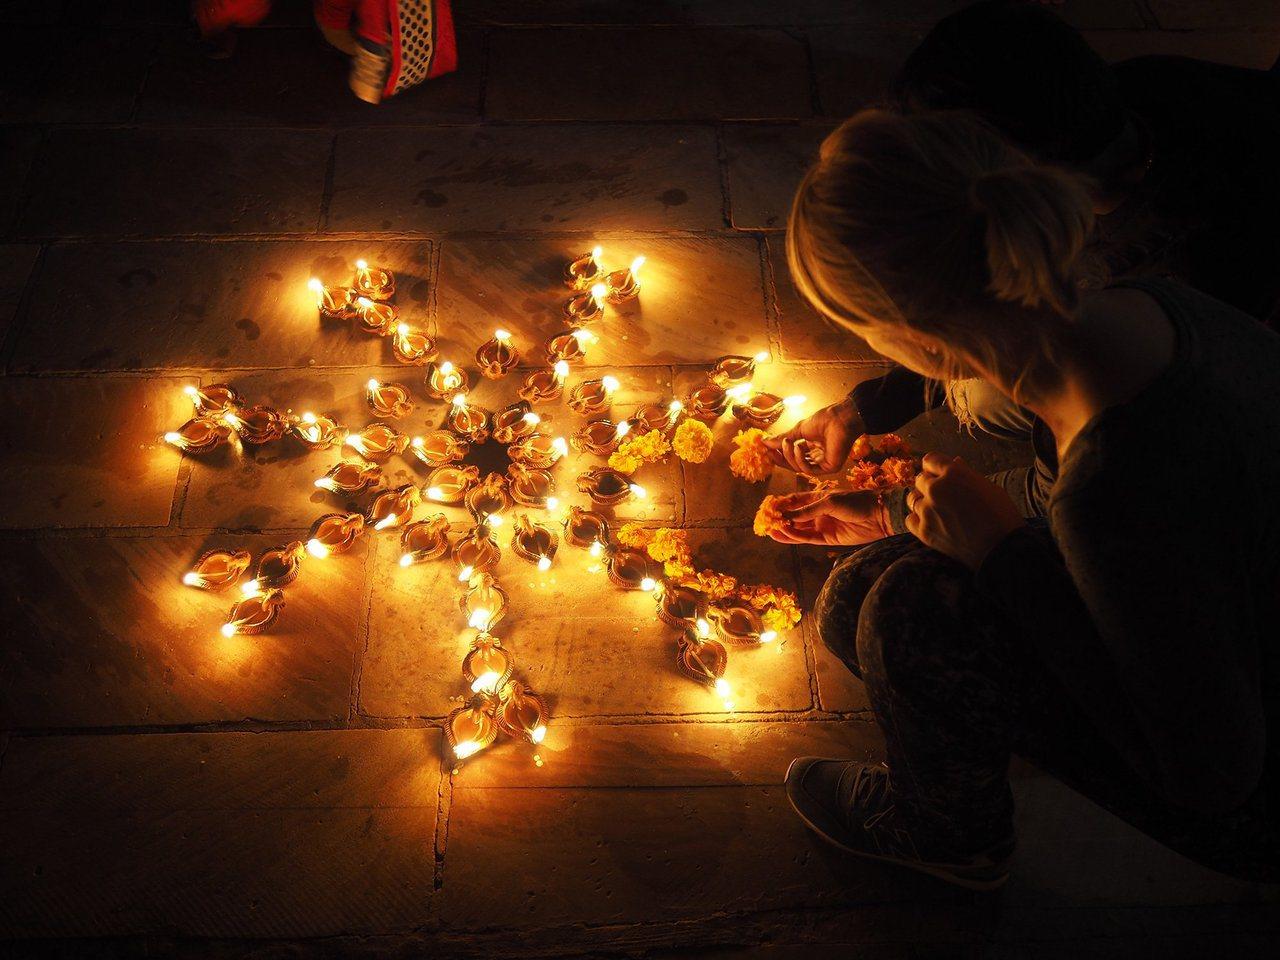 印度教年度最重要的慶典活動之一的「光明節」。圖/TripAdvisor提供